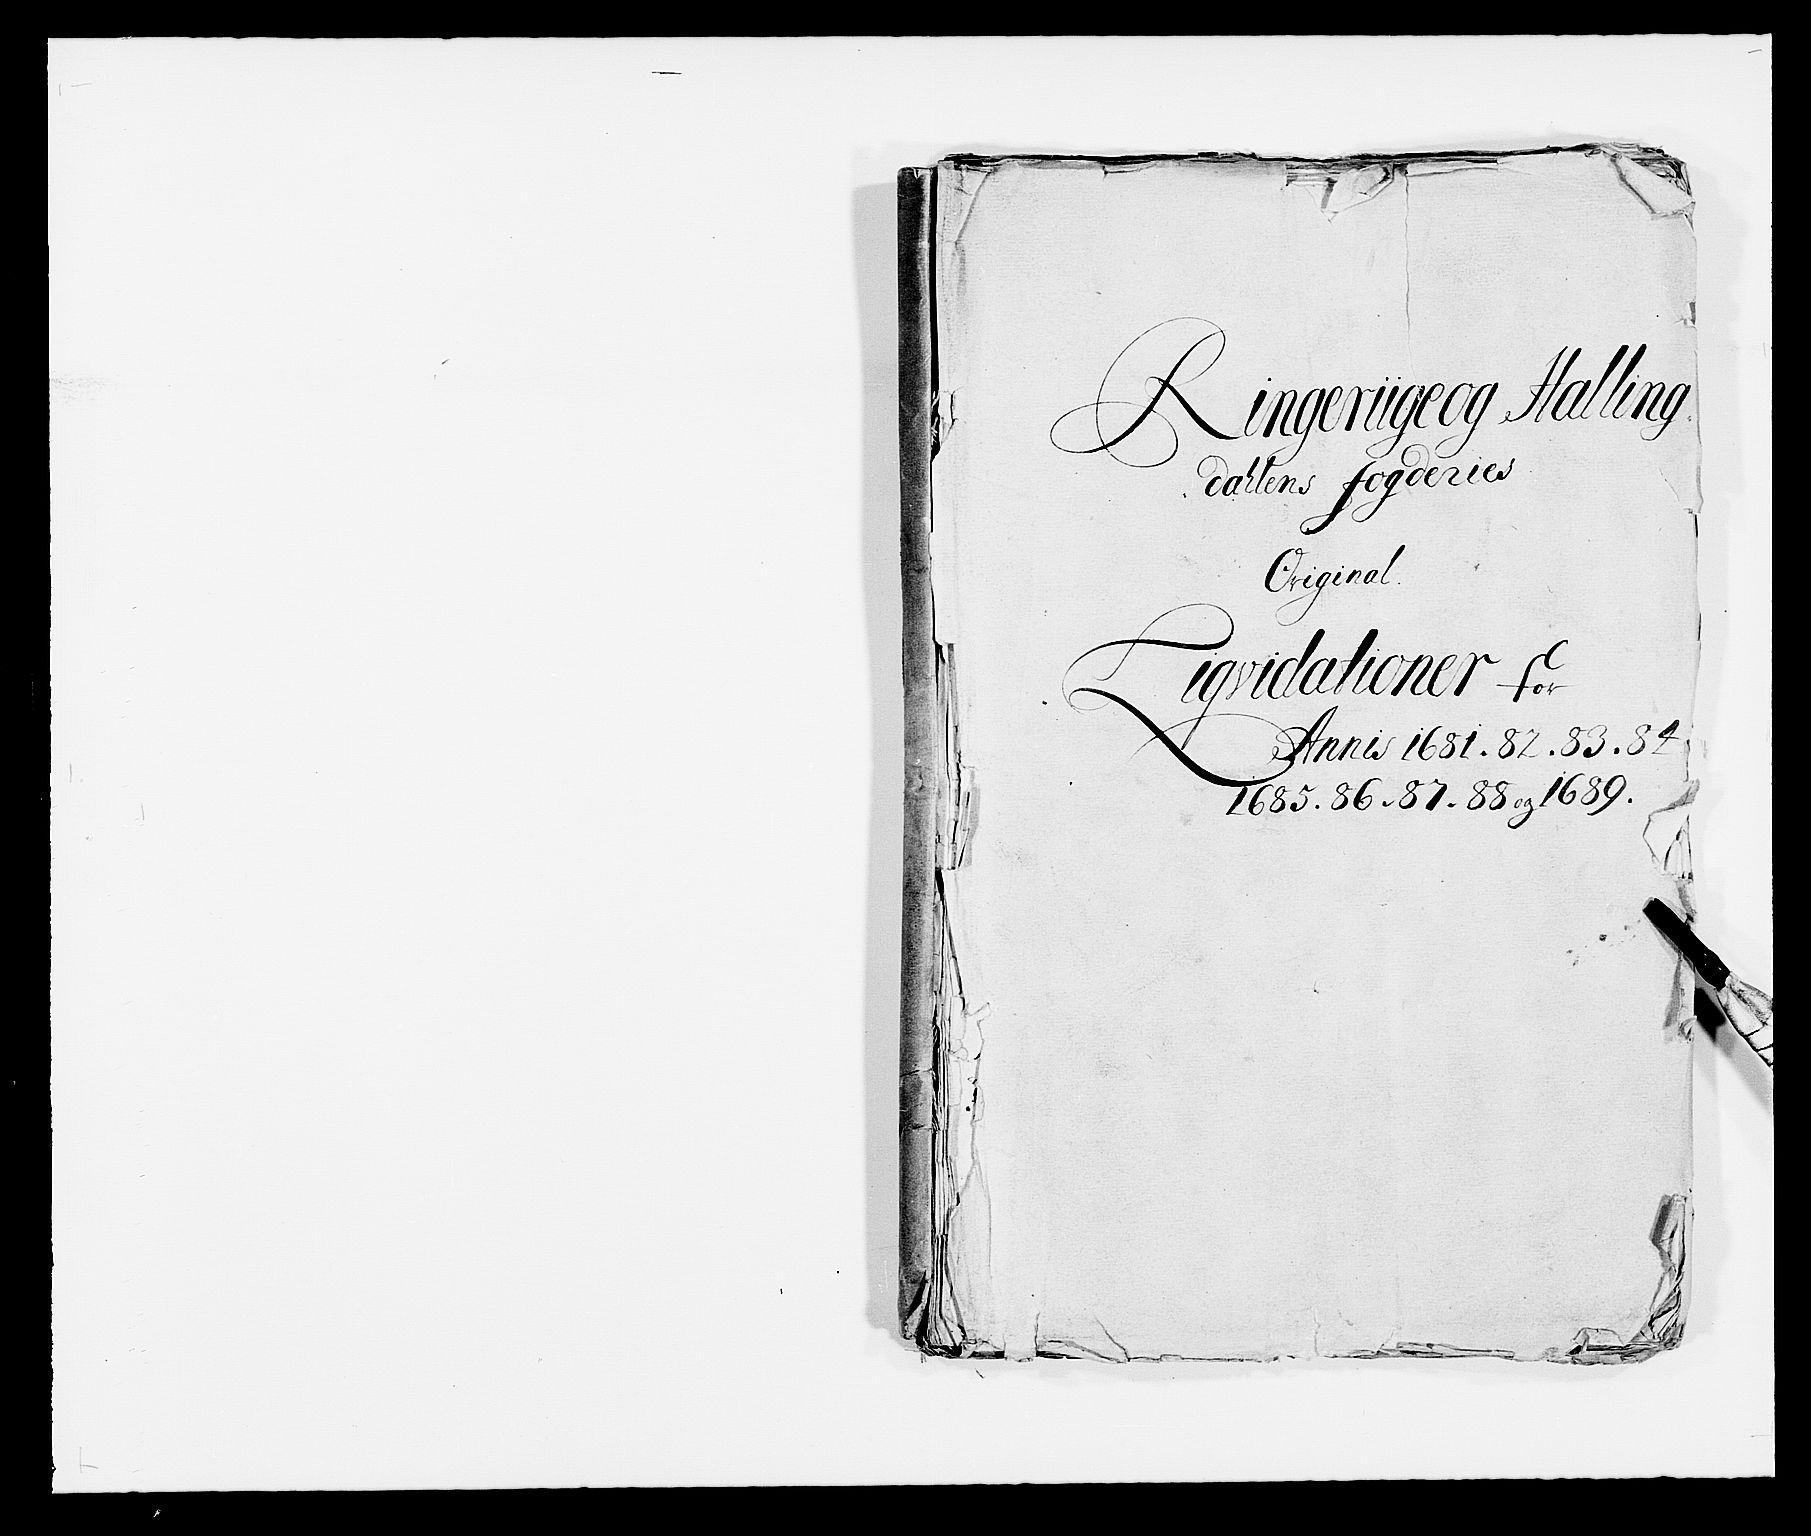 RA, Rentekammeret inntil 1814, Reviderte regnskaper, Fogderegnskap, R21/L1445: Fogderegnskap Ringerike og Hallingdal, 1681-1689, s. 1